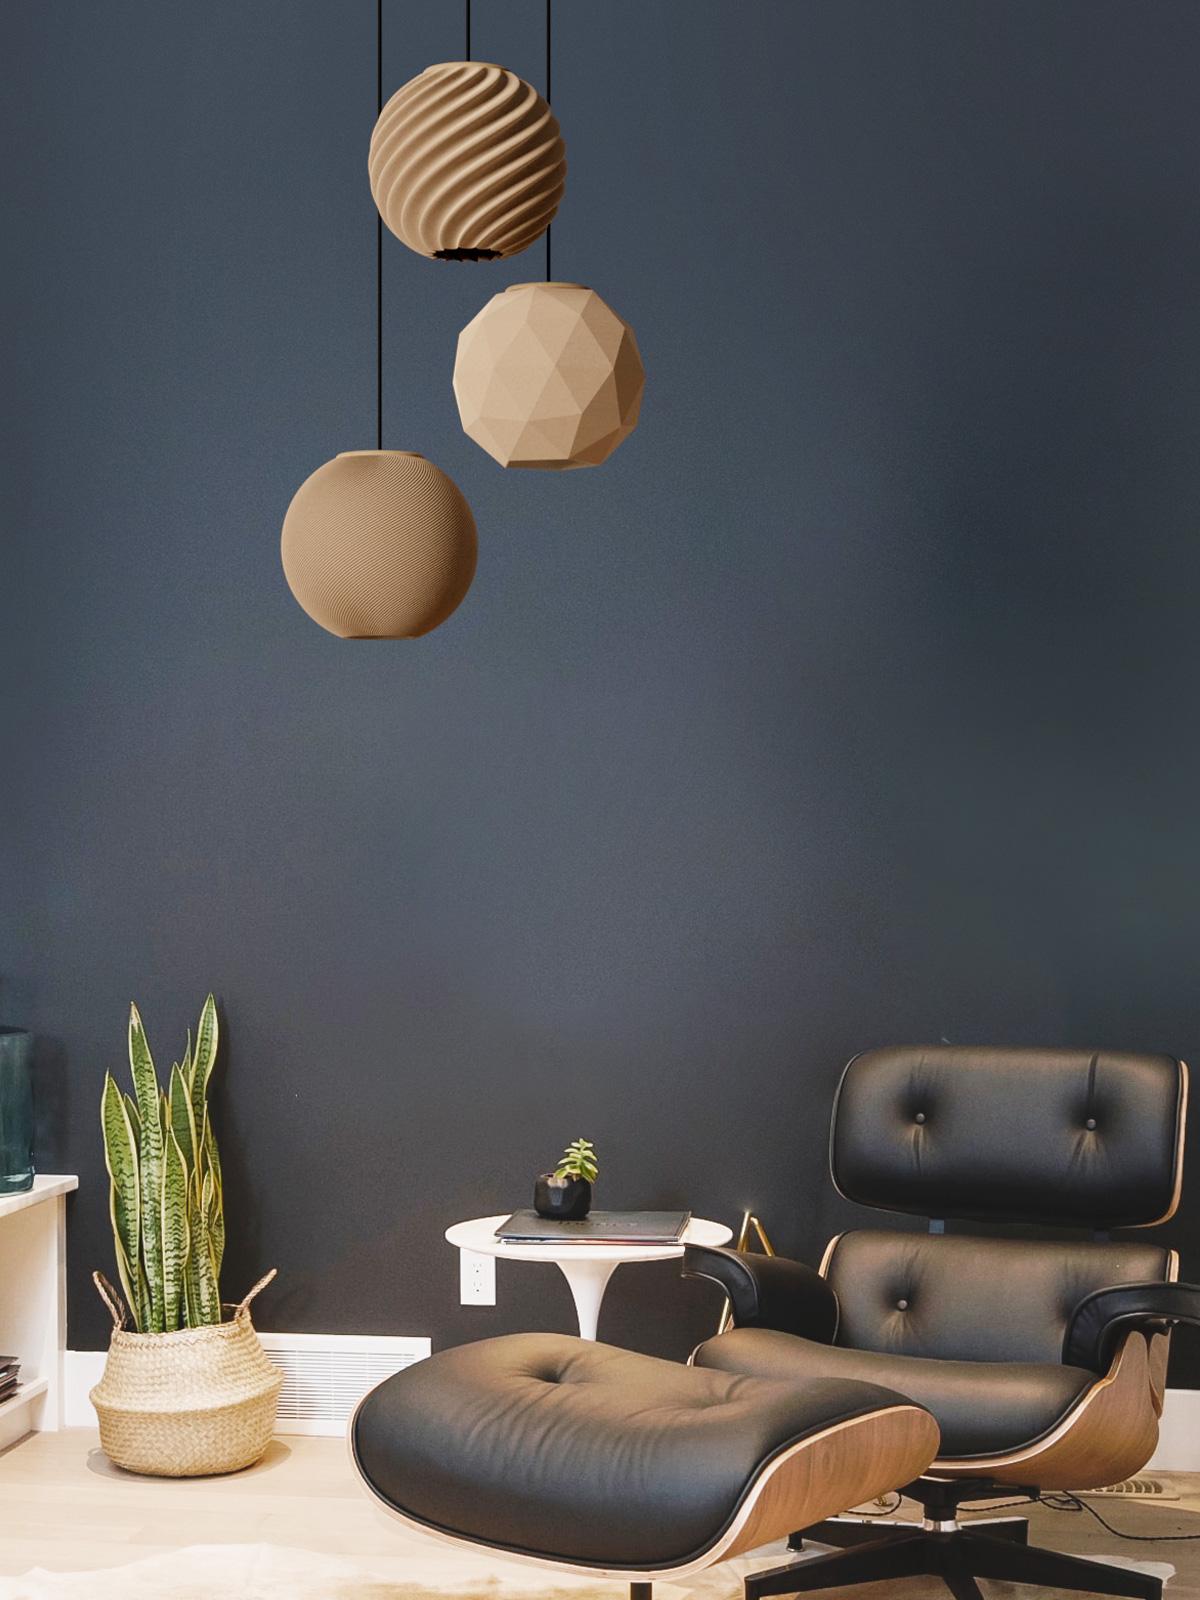 Polyluma Mono Random Leuchten Lampen DesignOrt Onlineshop Licht Designerleuchten Berlin